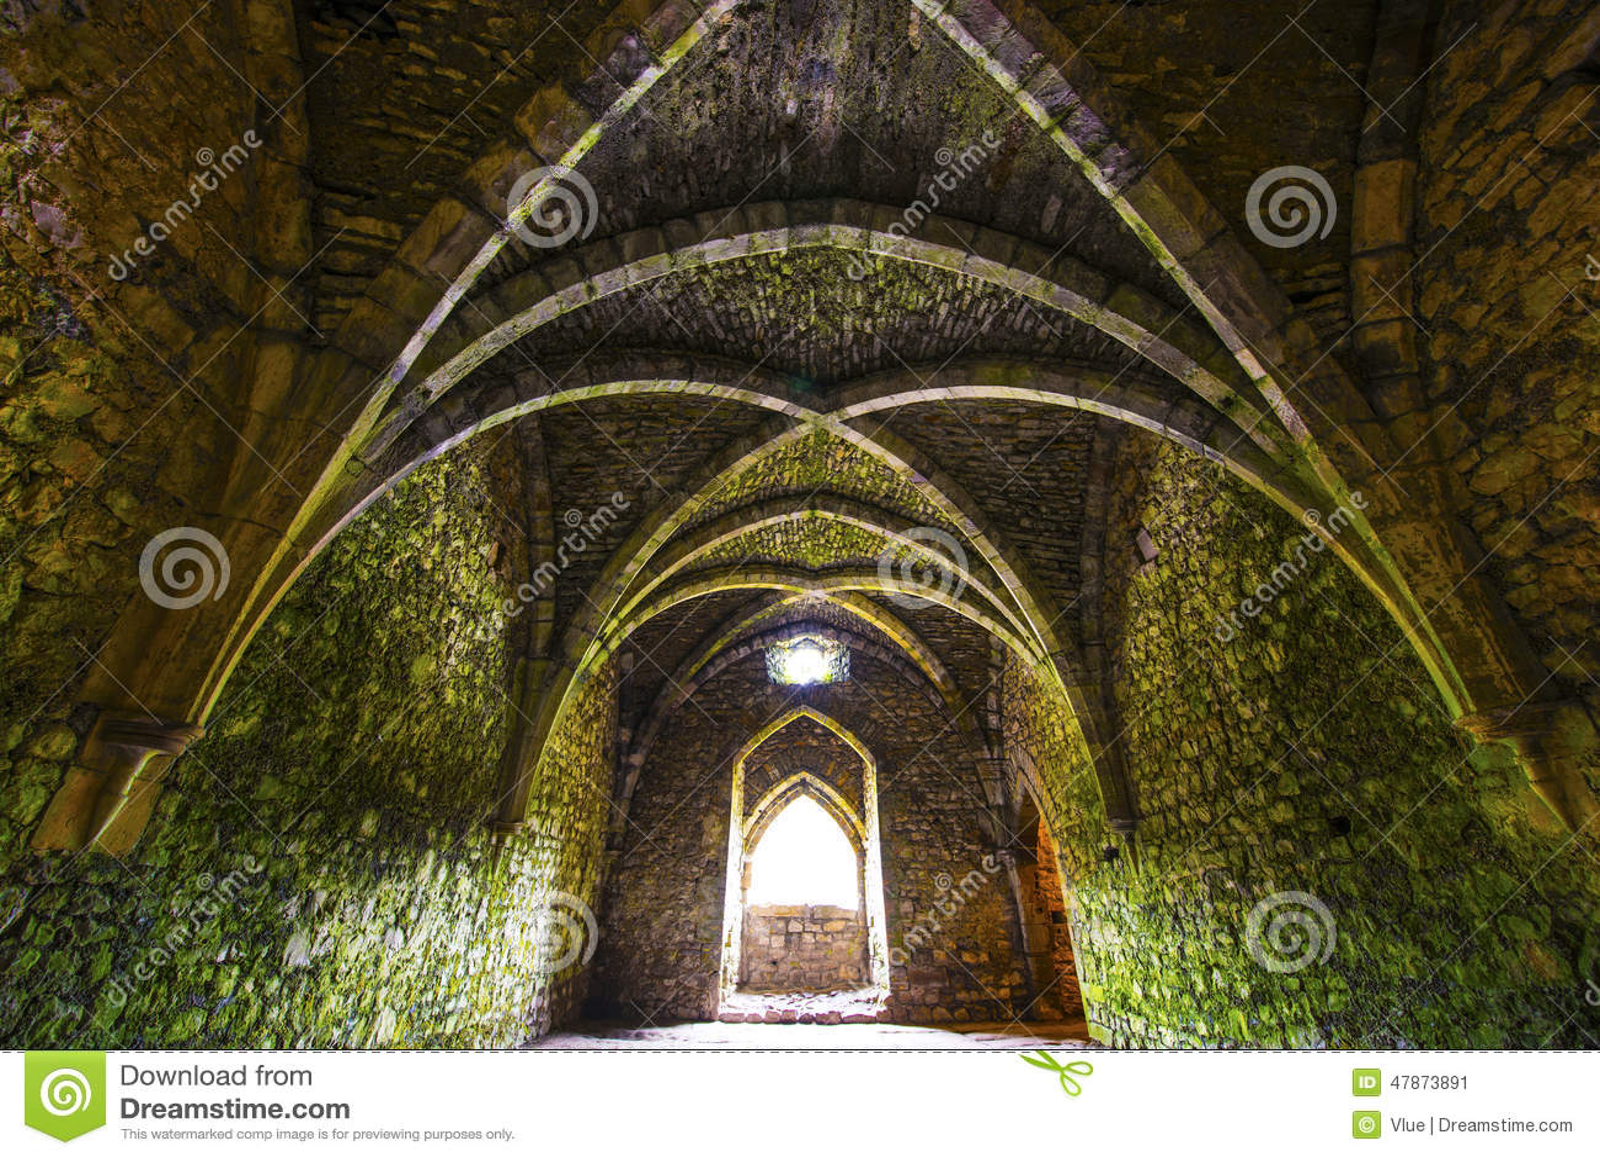 Sala medieval antiga com arcos